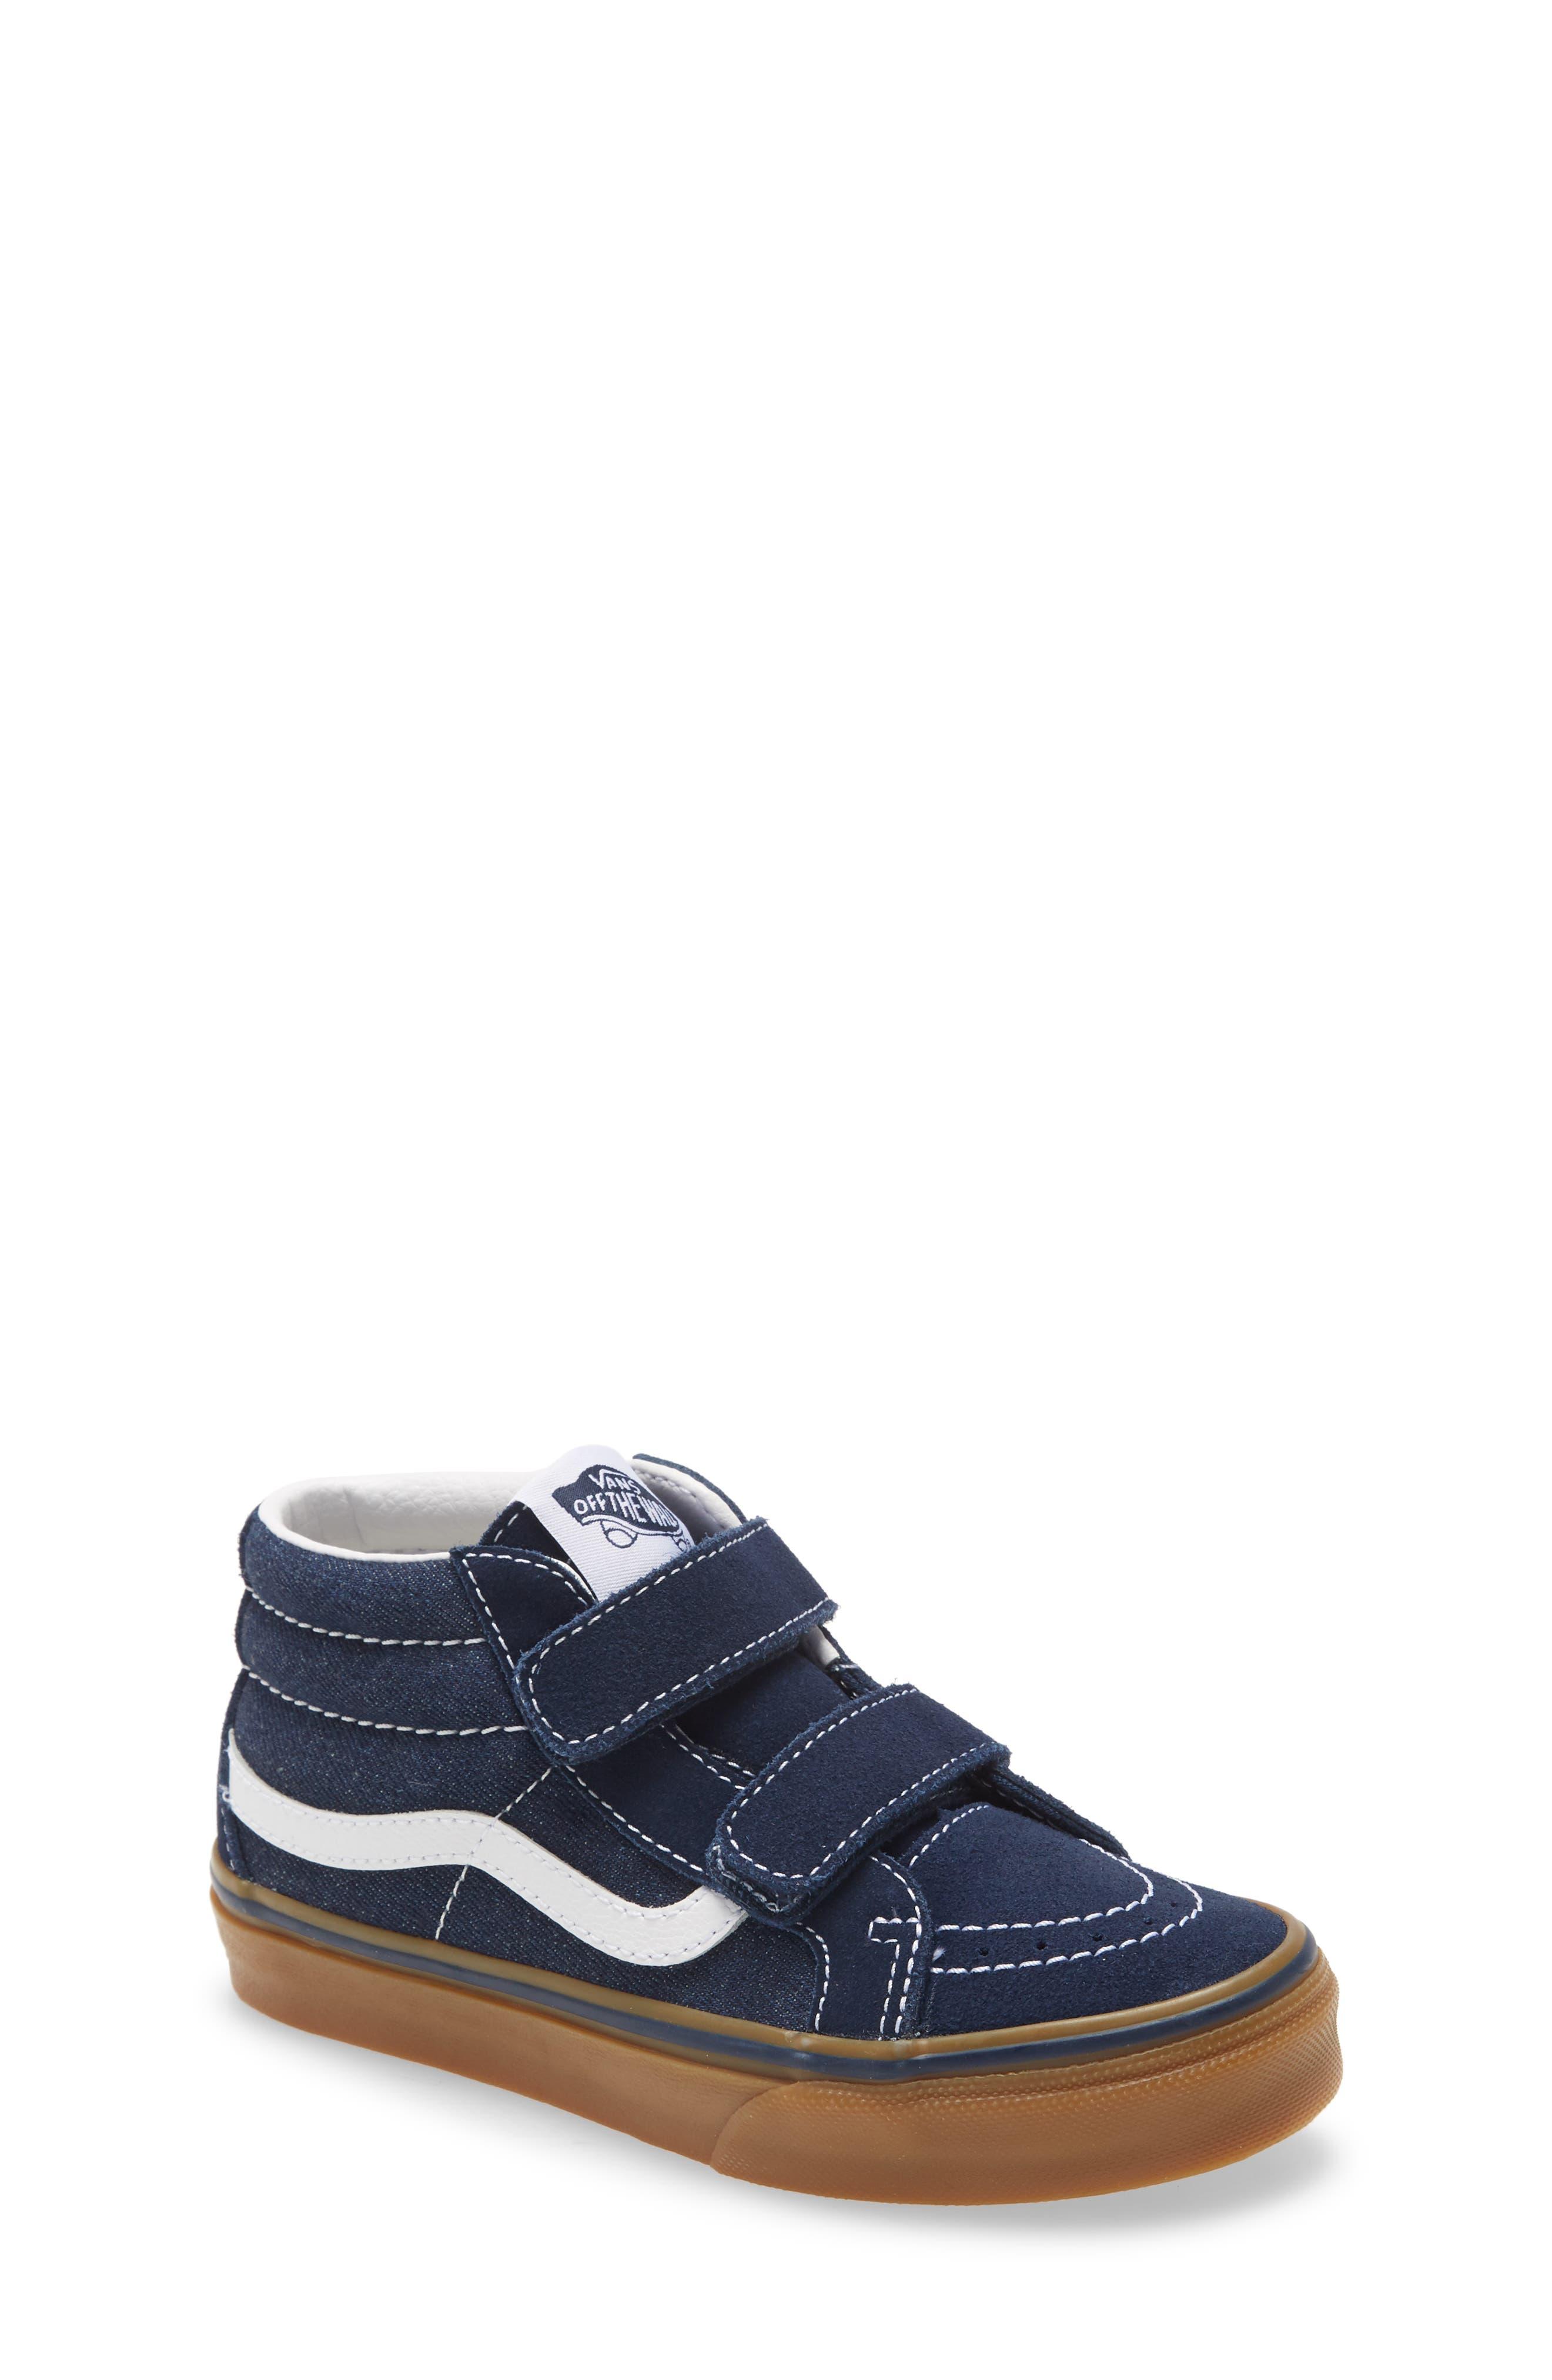 Boys' Vans Shoes